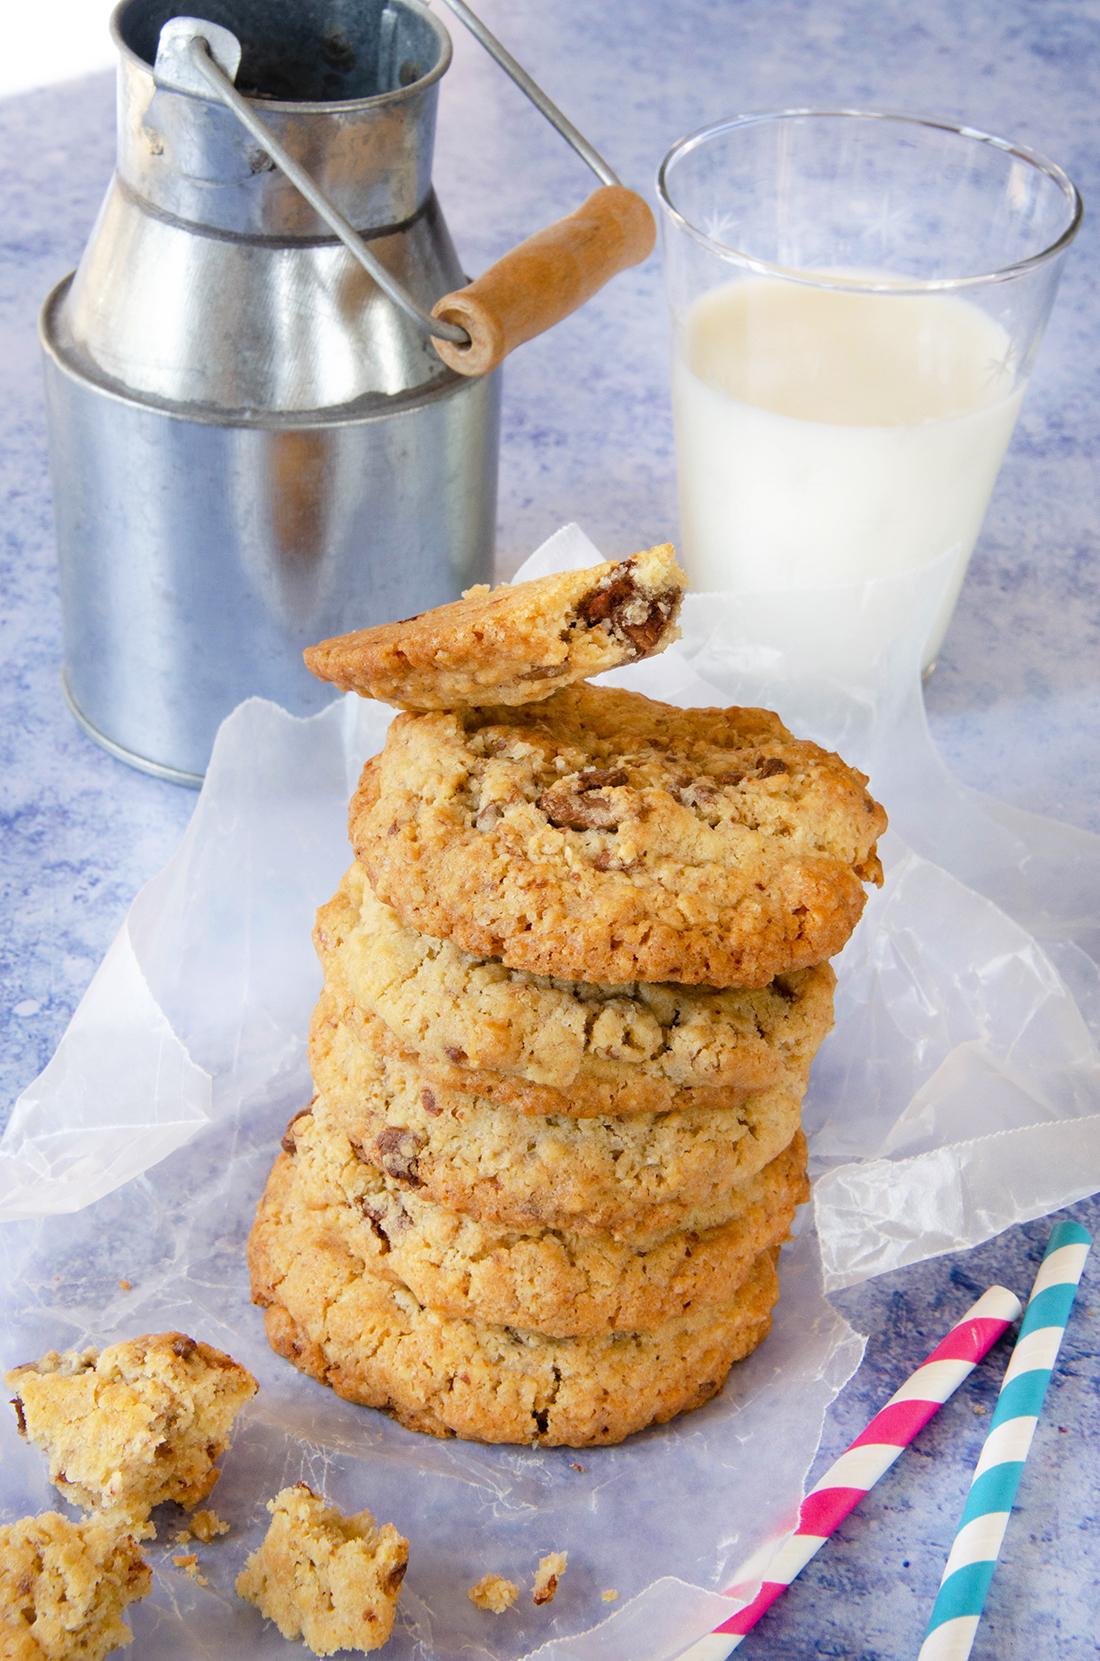 Recette de cookies aux flocons d'avoine et aux pépites de chocolat au lait